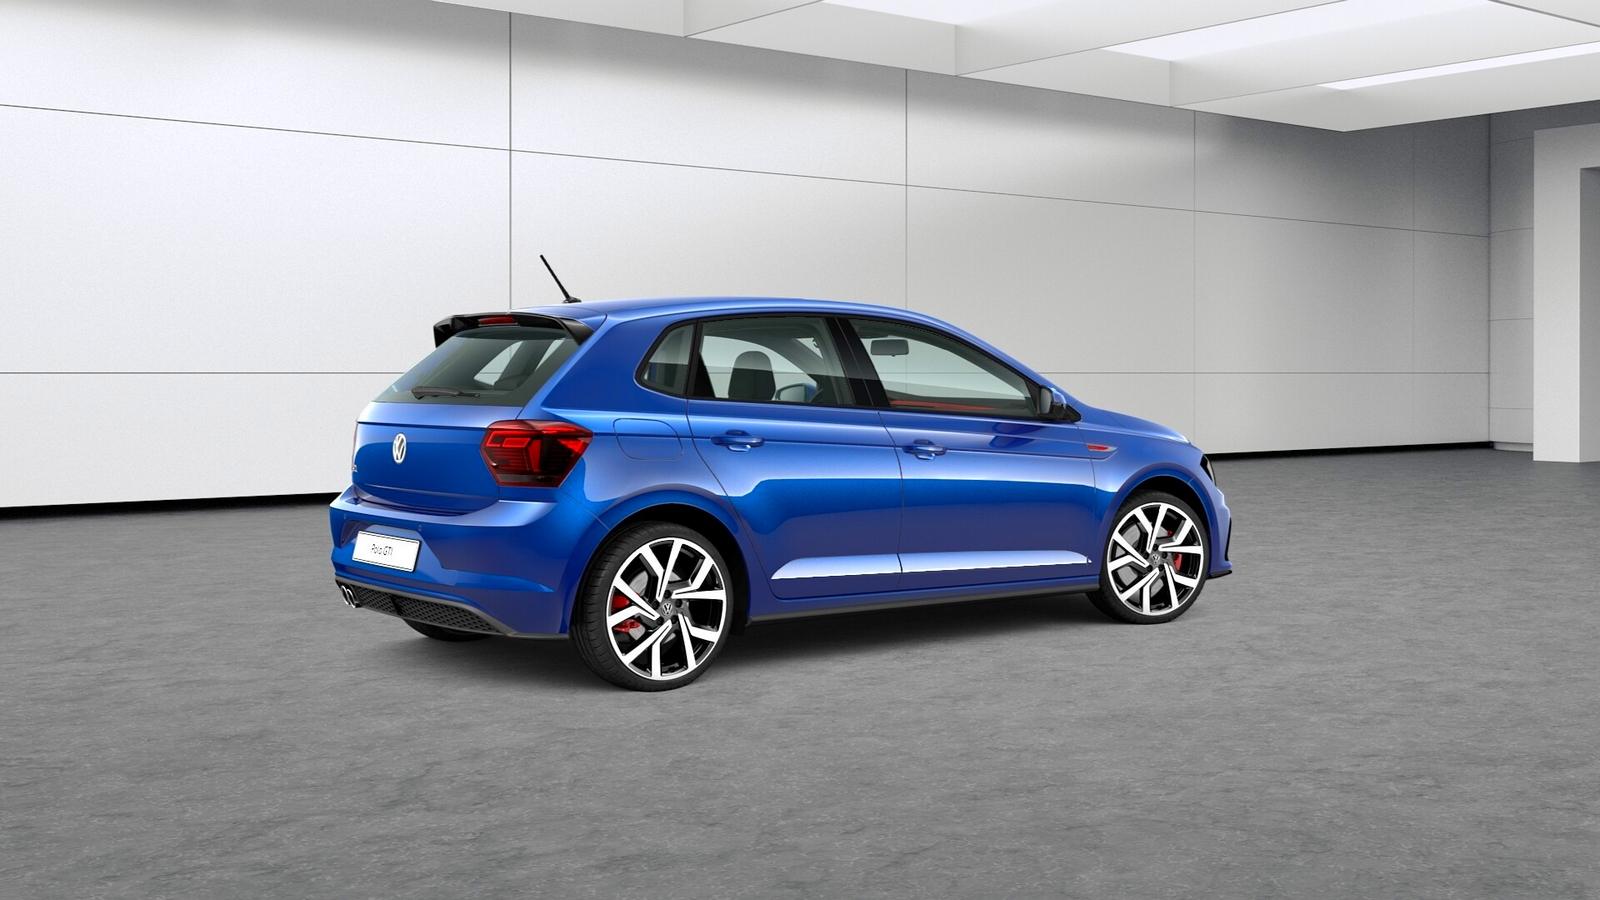 Volkswagen Polo Gti La Finition R Line Suffira The Automobilist